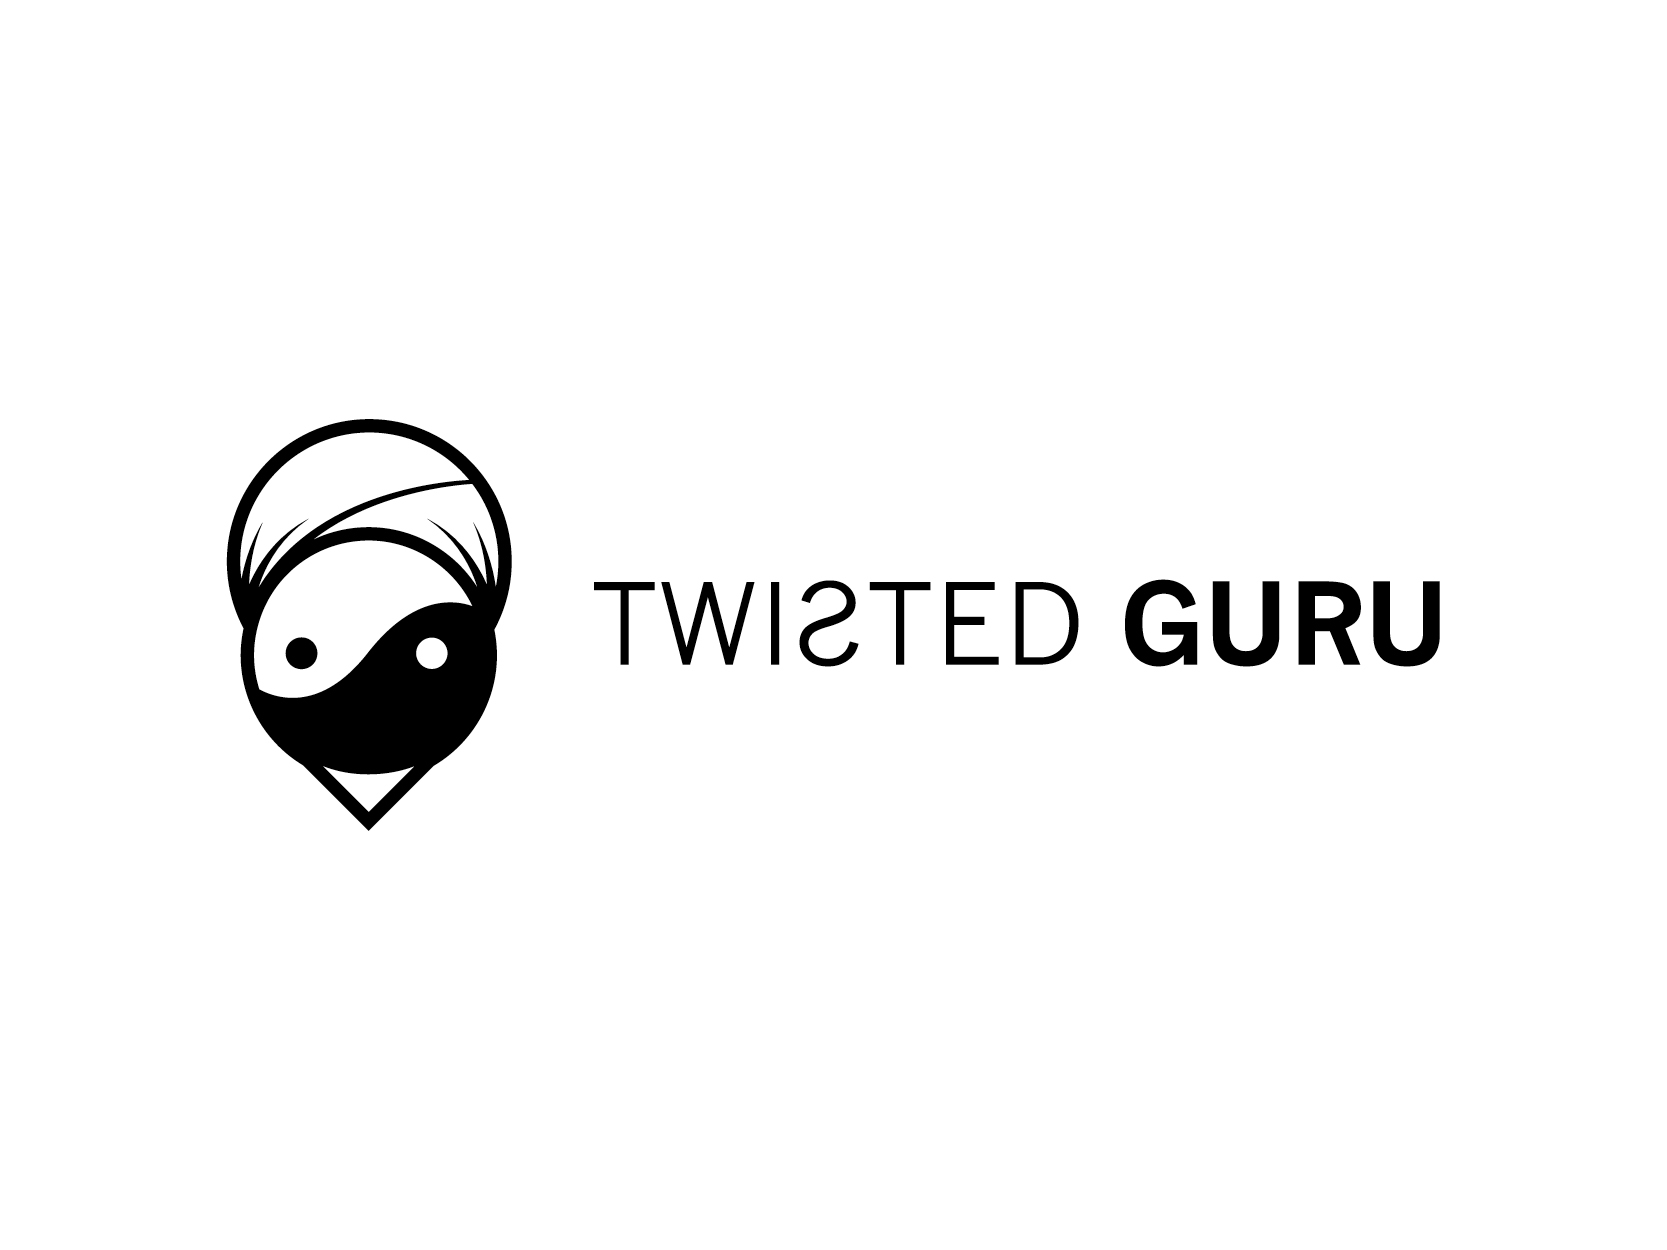 Twisted Guru V5.jpg